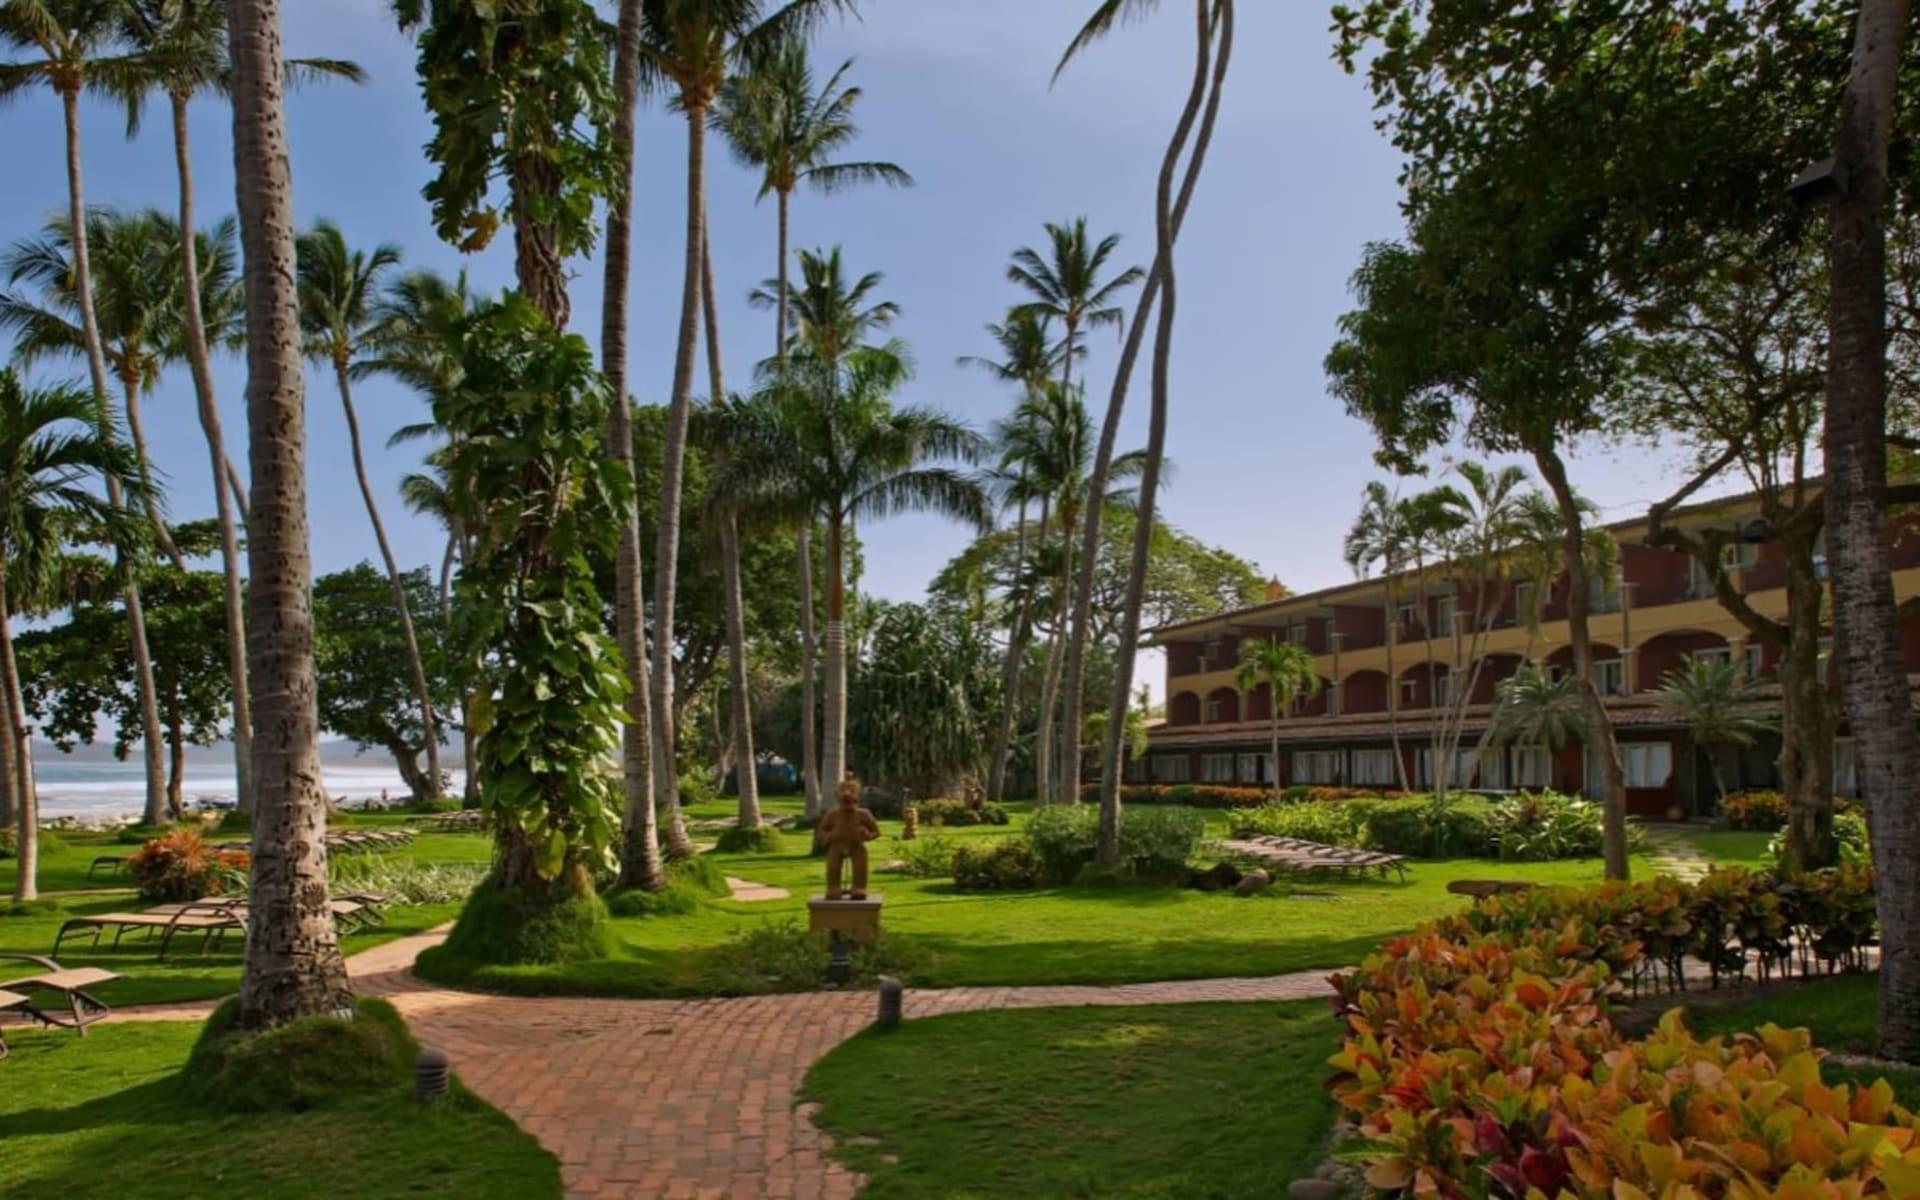 Tamarindo Diria Beach Resort in Playa Tamarindo:  01TamarindoDiria_01